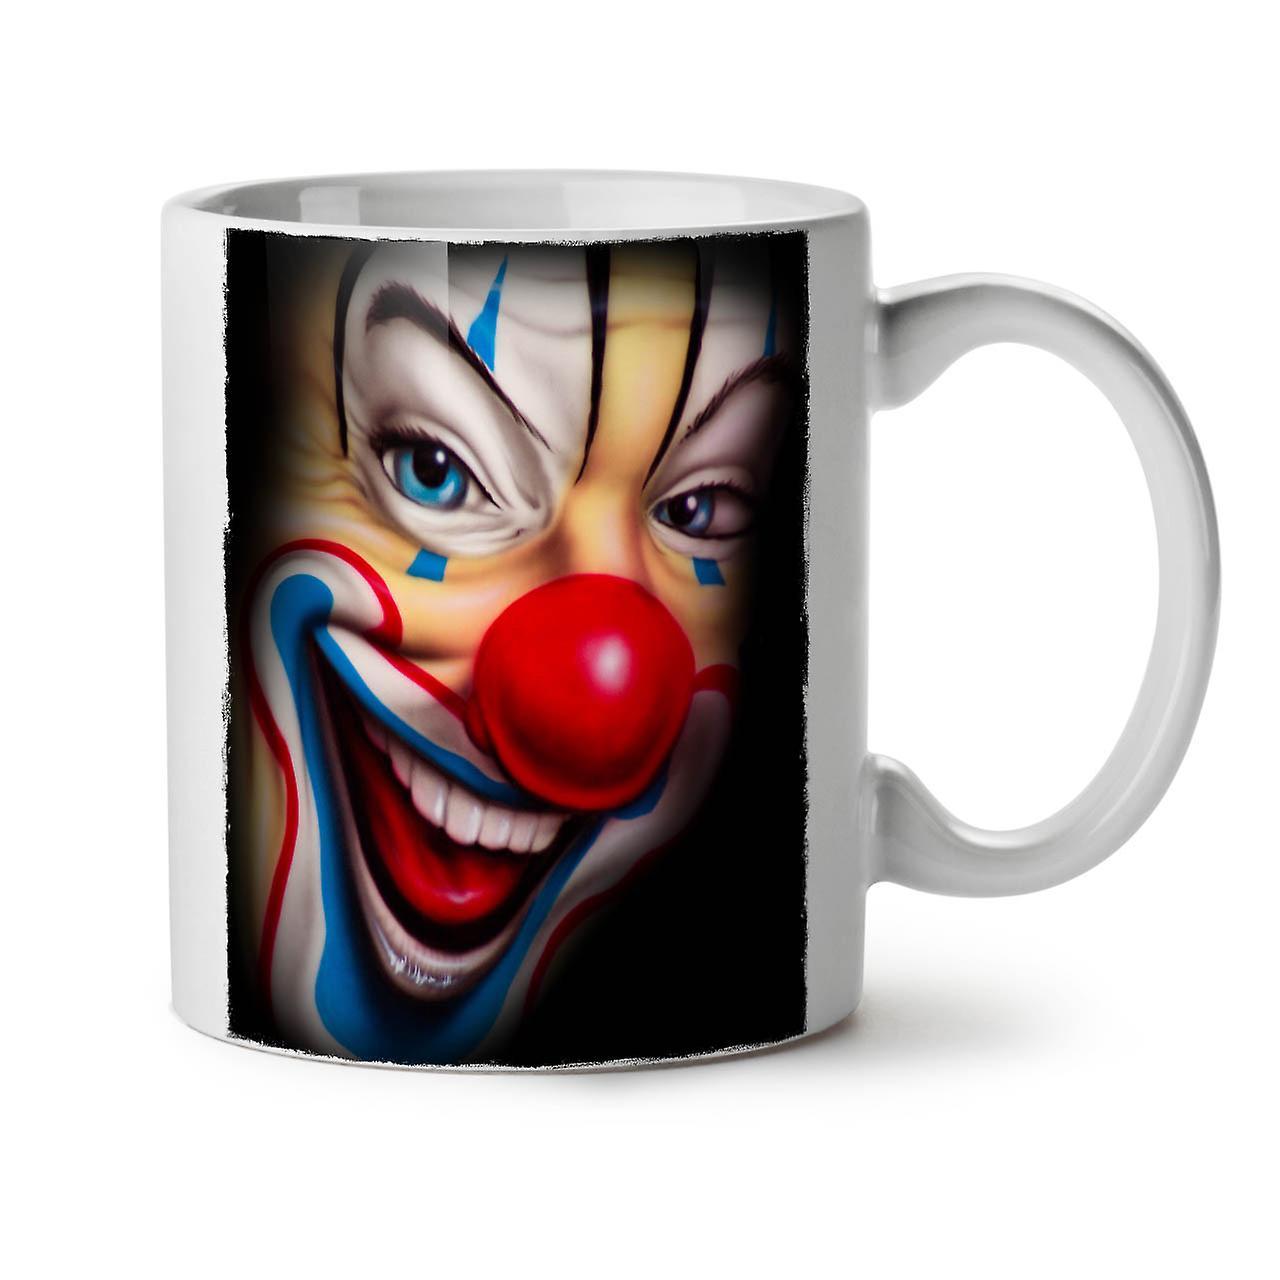 Effrayant OzWellcoda Thé Céramique 11 Nouveau Café Tasse Clown Blanc UMjpGLzVqS